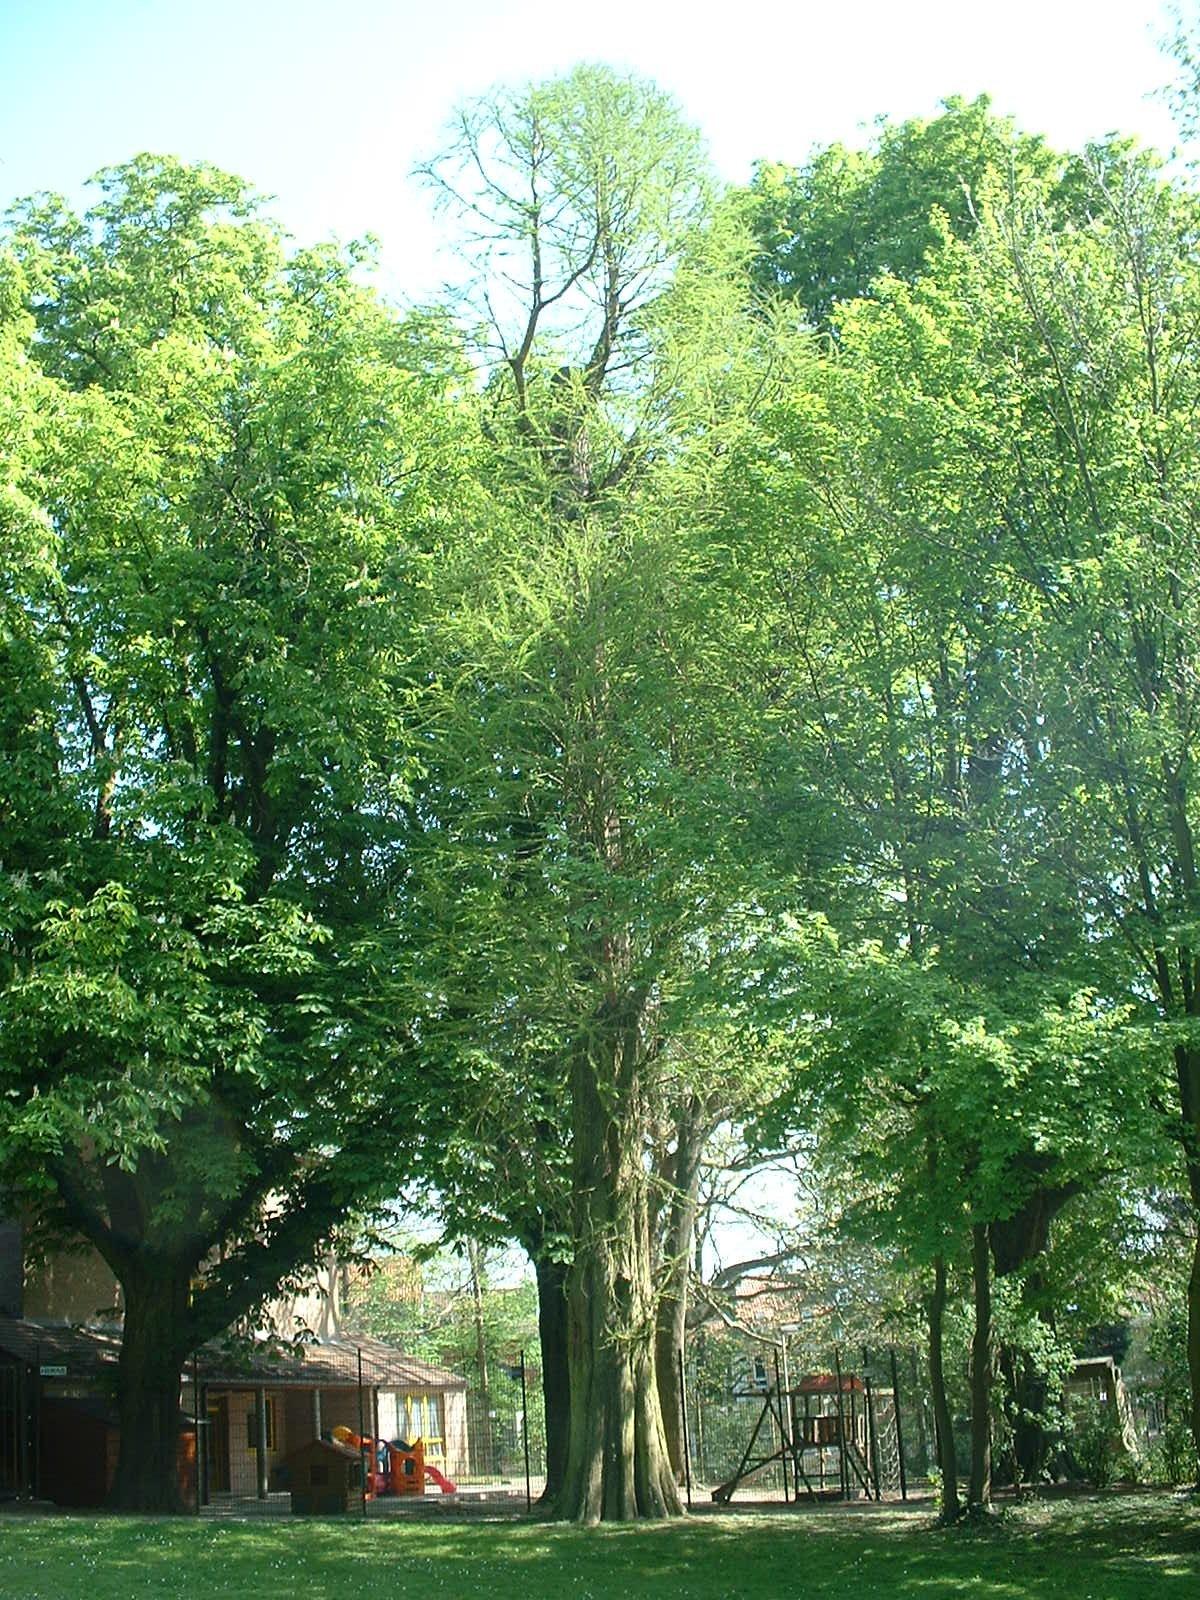 Cyprès chauve de Louisiane – Anderlecht, Parc Astrid, parc –  17 Avril 2003